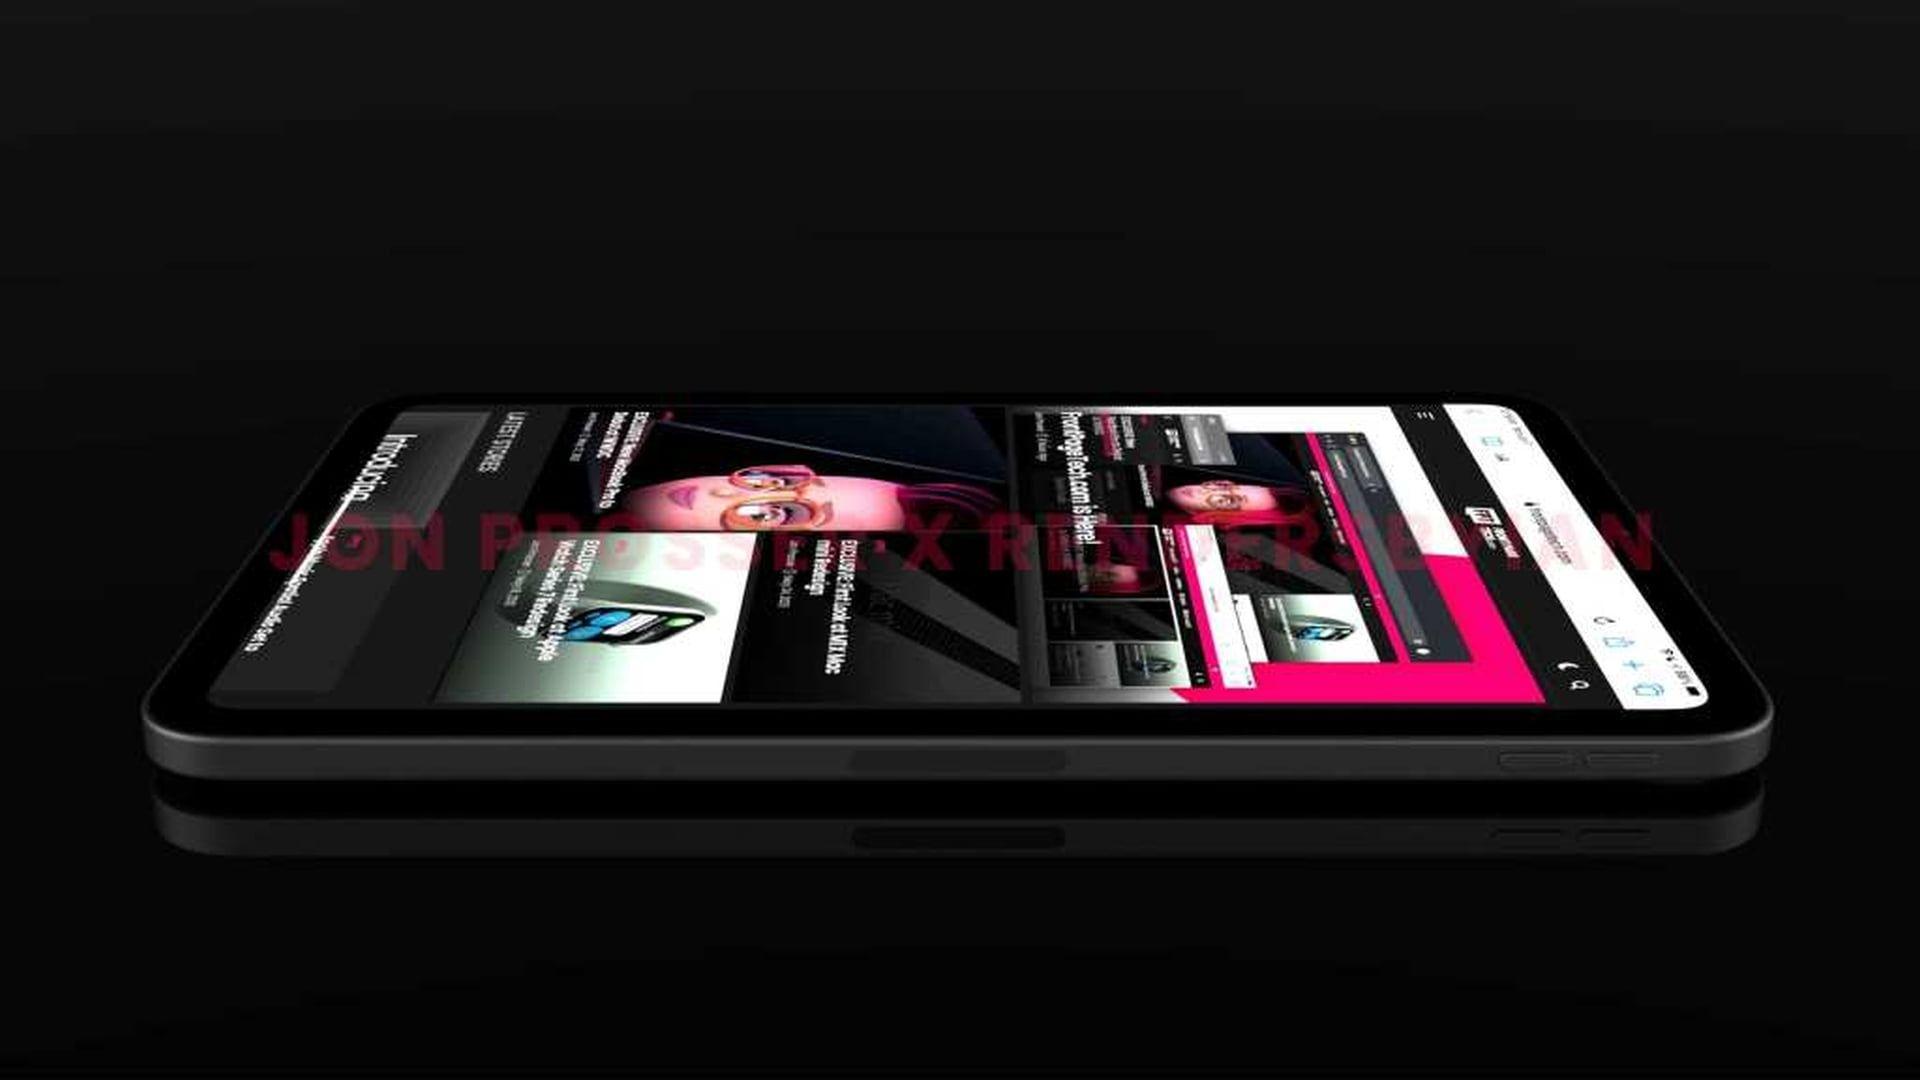 Najnowsze informacje na temat kolejnego modelu iPada mini